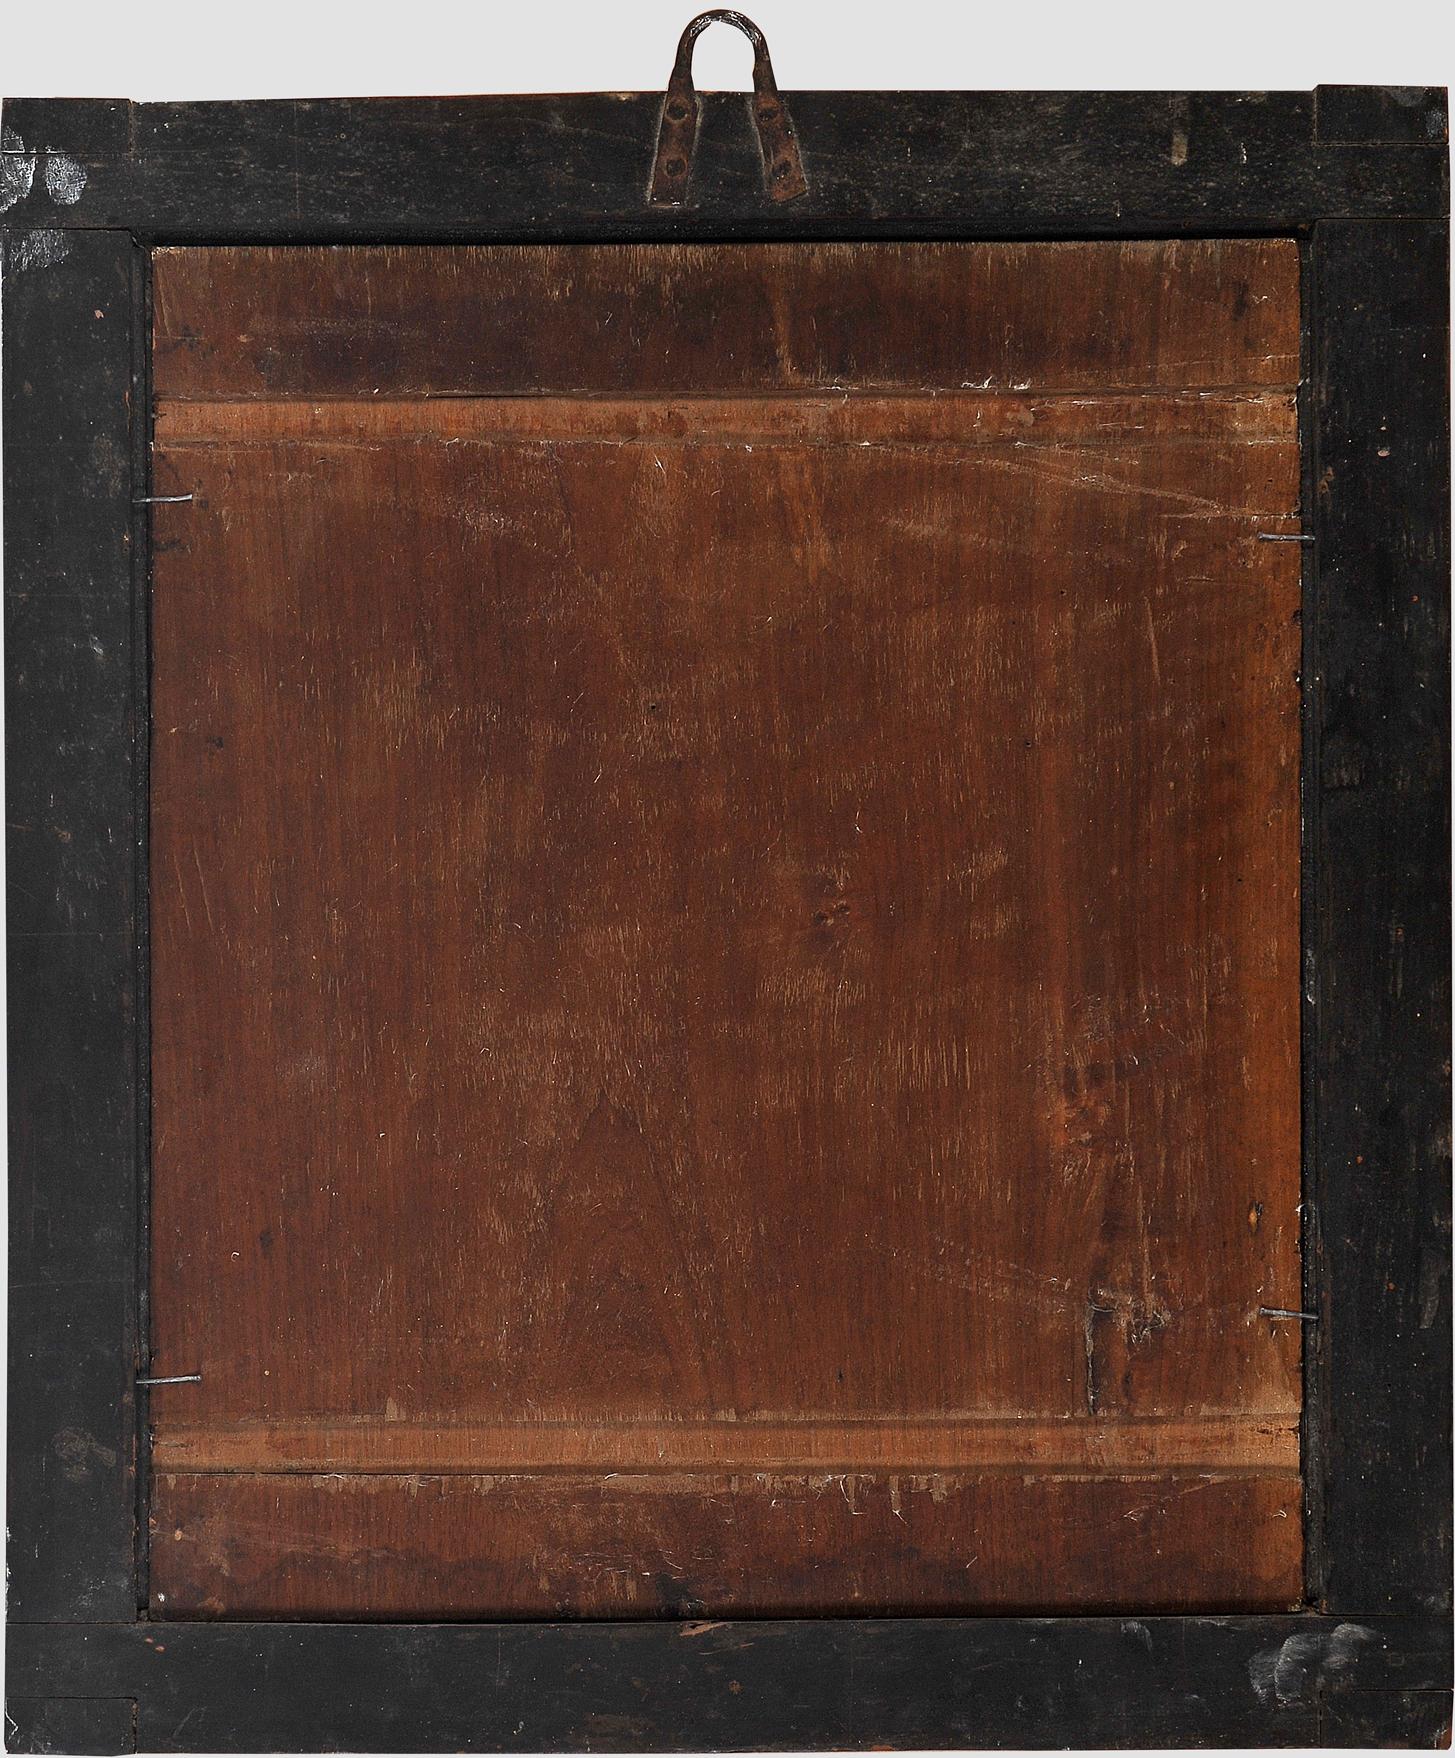 Madonna, Gemälde, 17. Jhdt. - Image 7 of 7